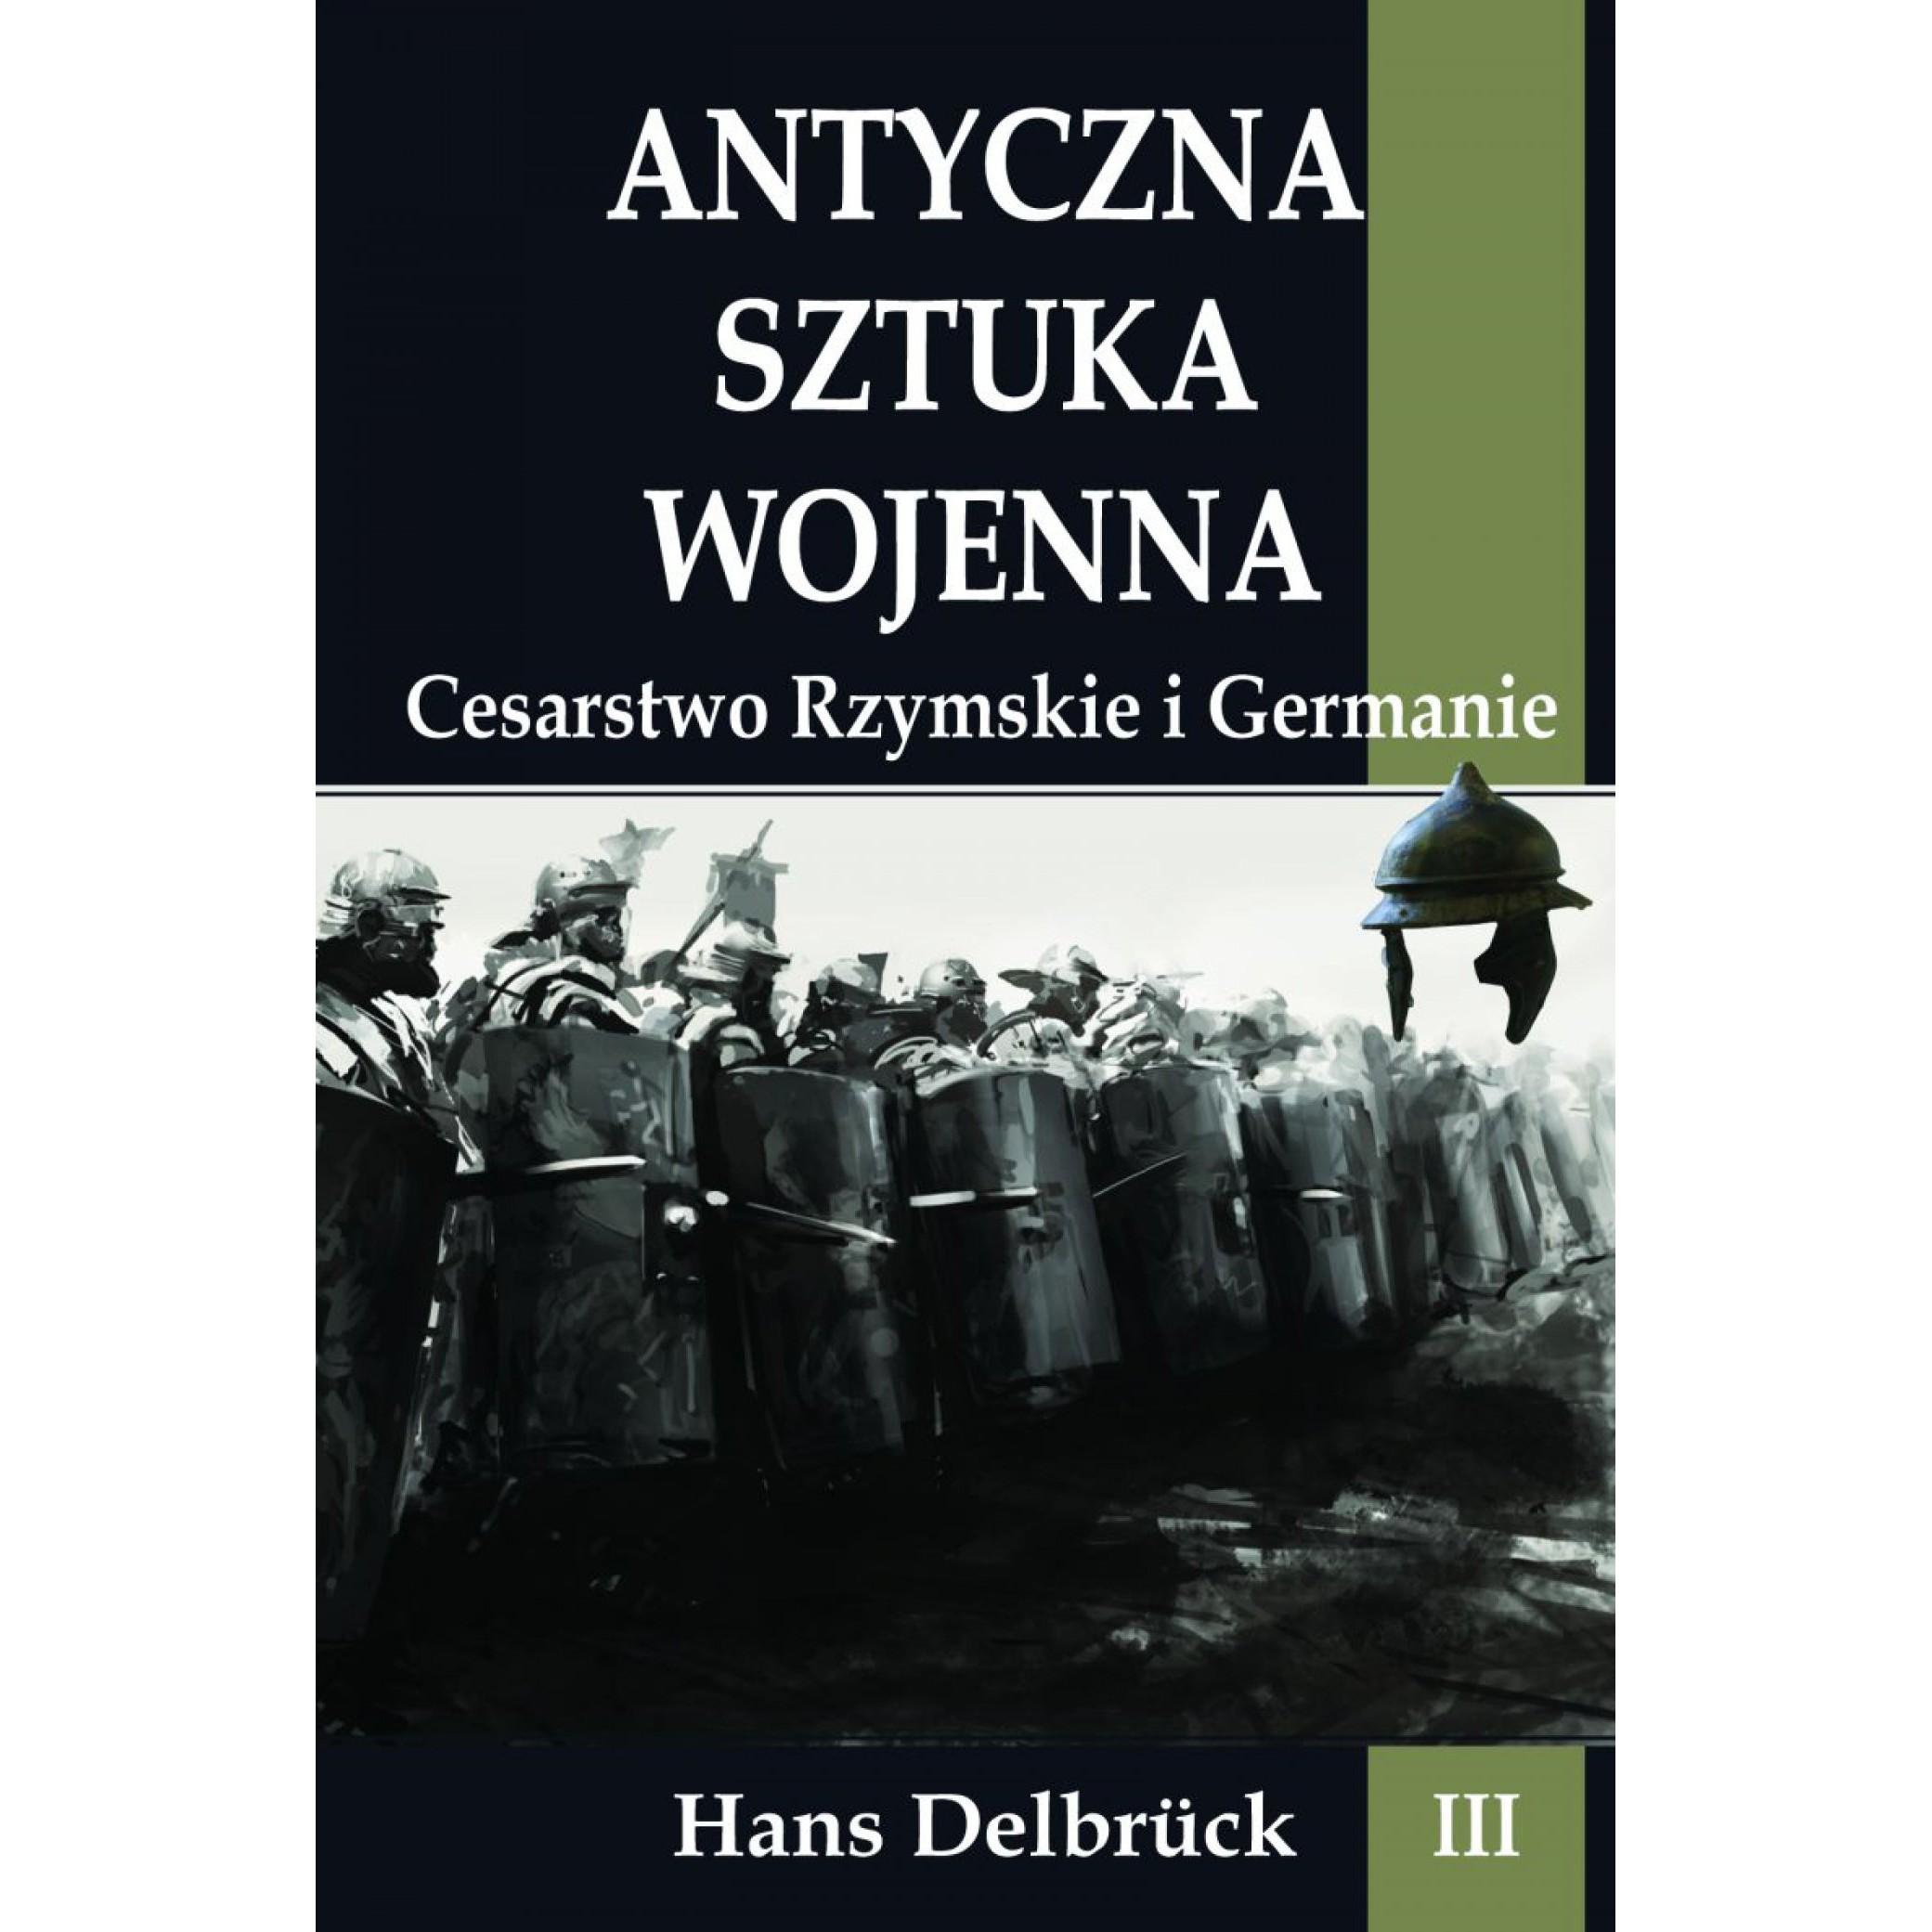 Antyczna sztuka wojenna tom III Cesarstwo Rzymskie i Germanie